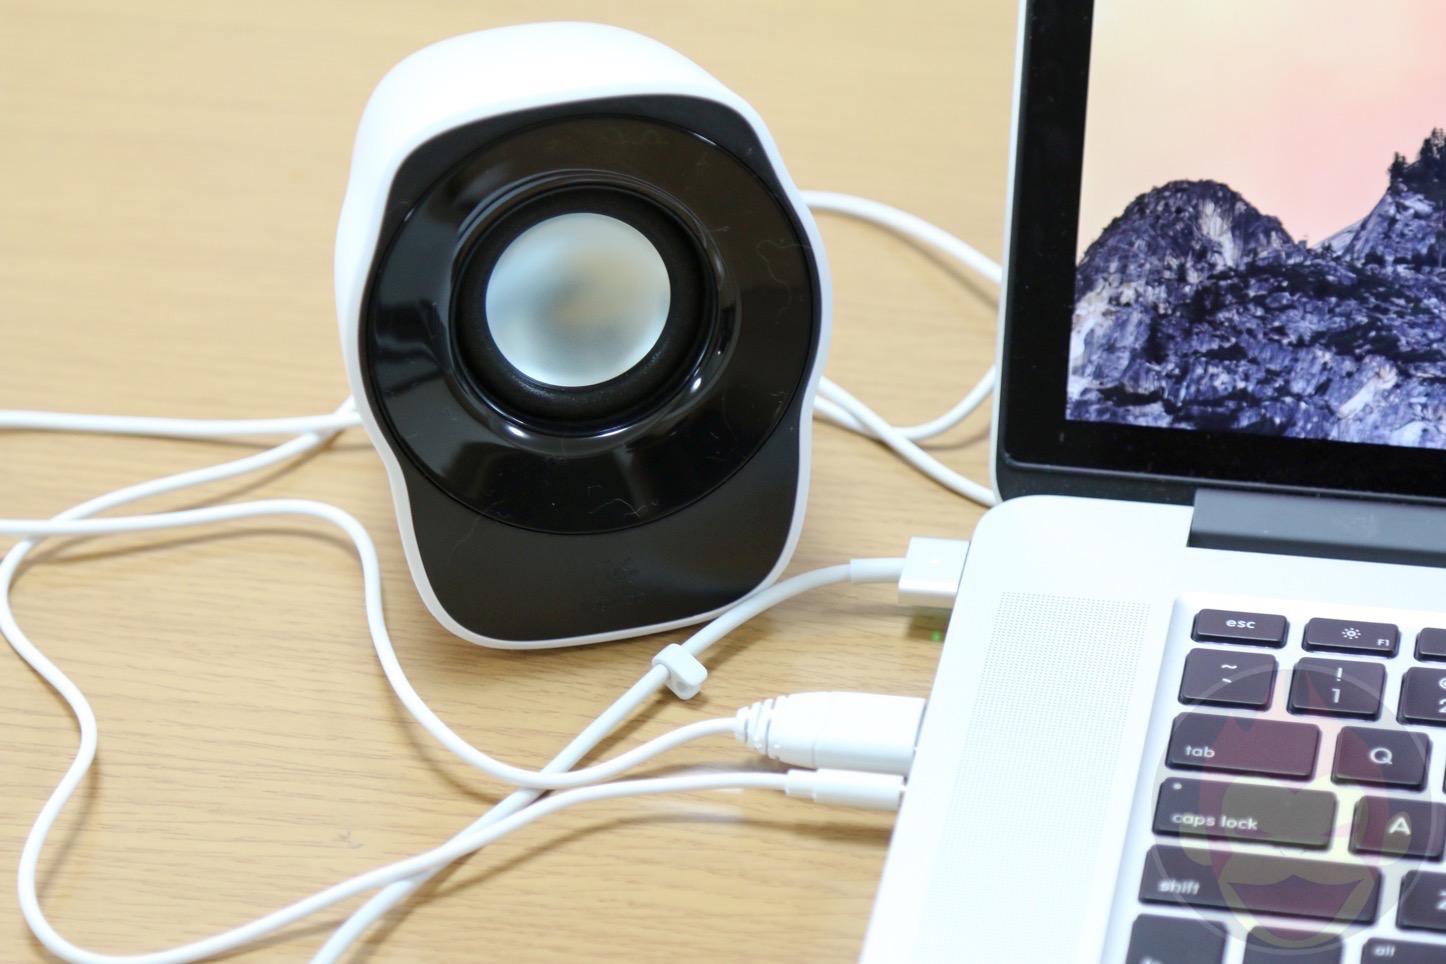 Logicool-Stereo-Speaker-Z120BW-27.JPG